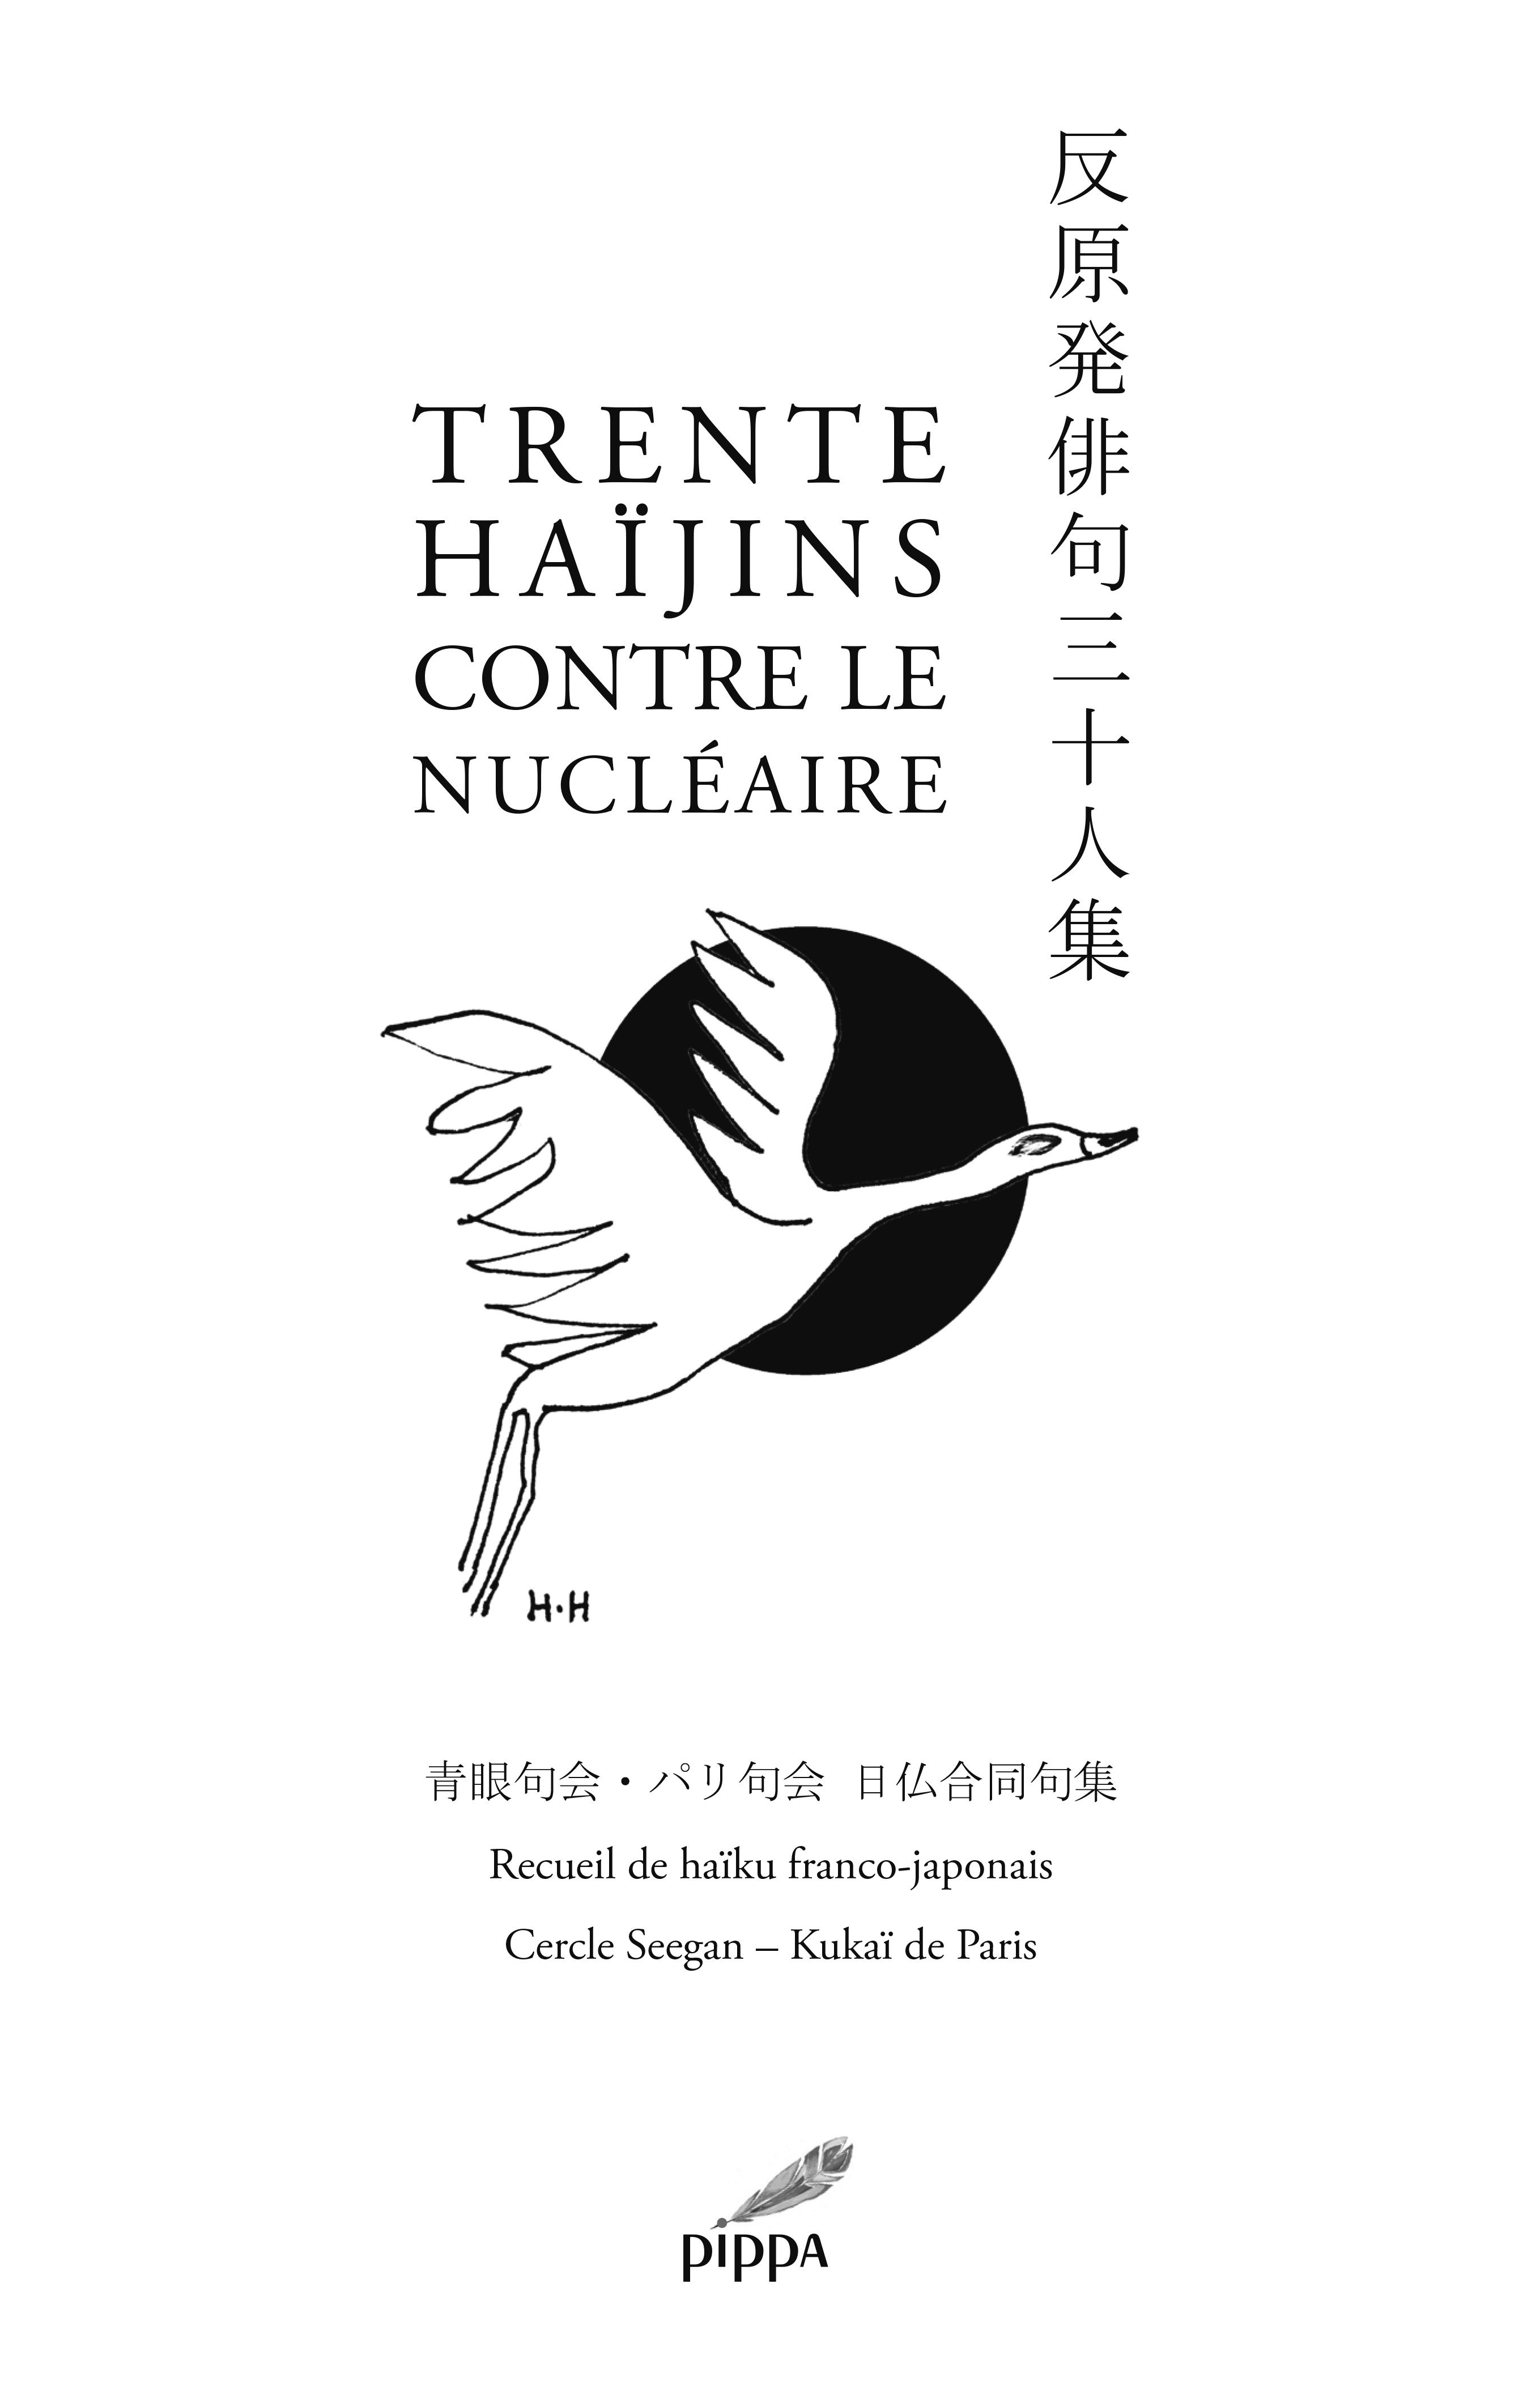 TRENTE HAIJINS CONTRE LE NUCLEAIRE